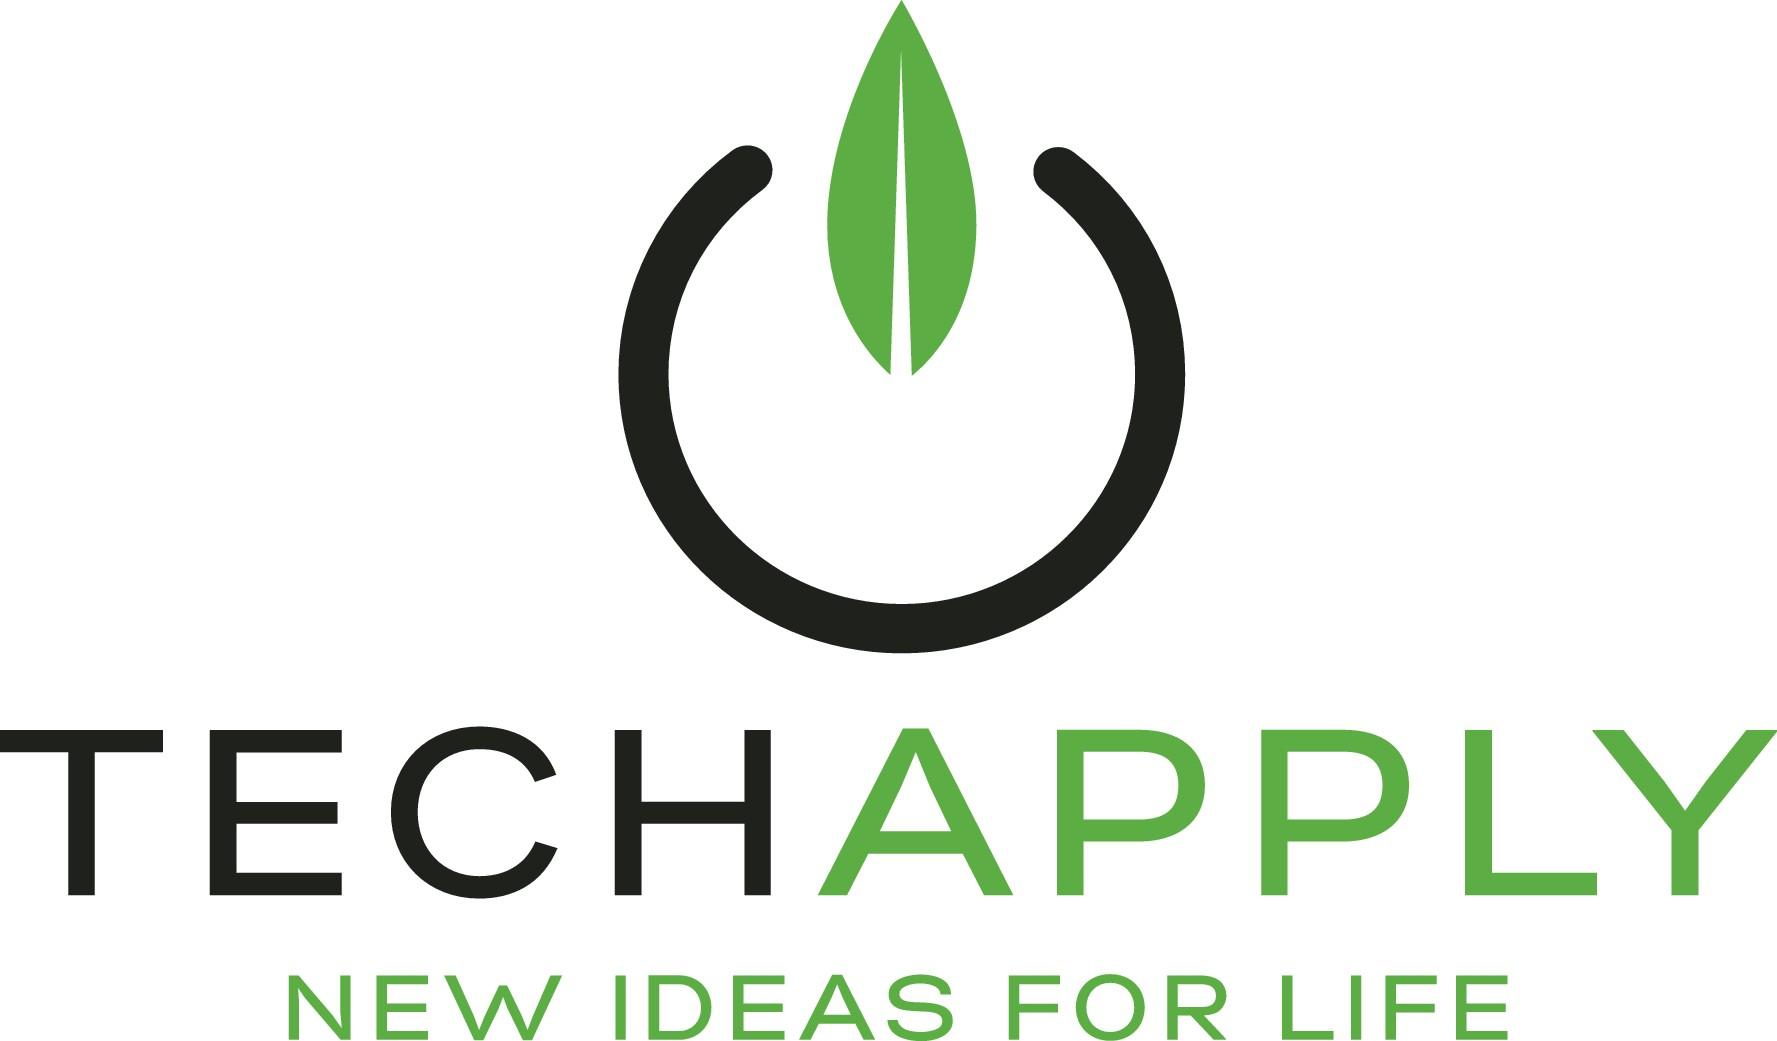 Logo aziendale per Techapply, nuove idee per la vita